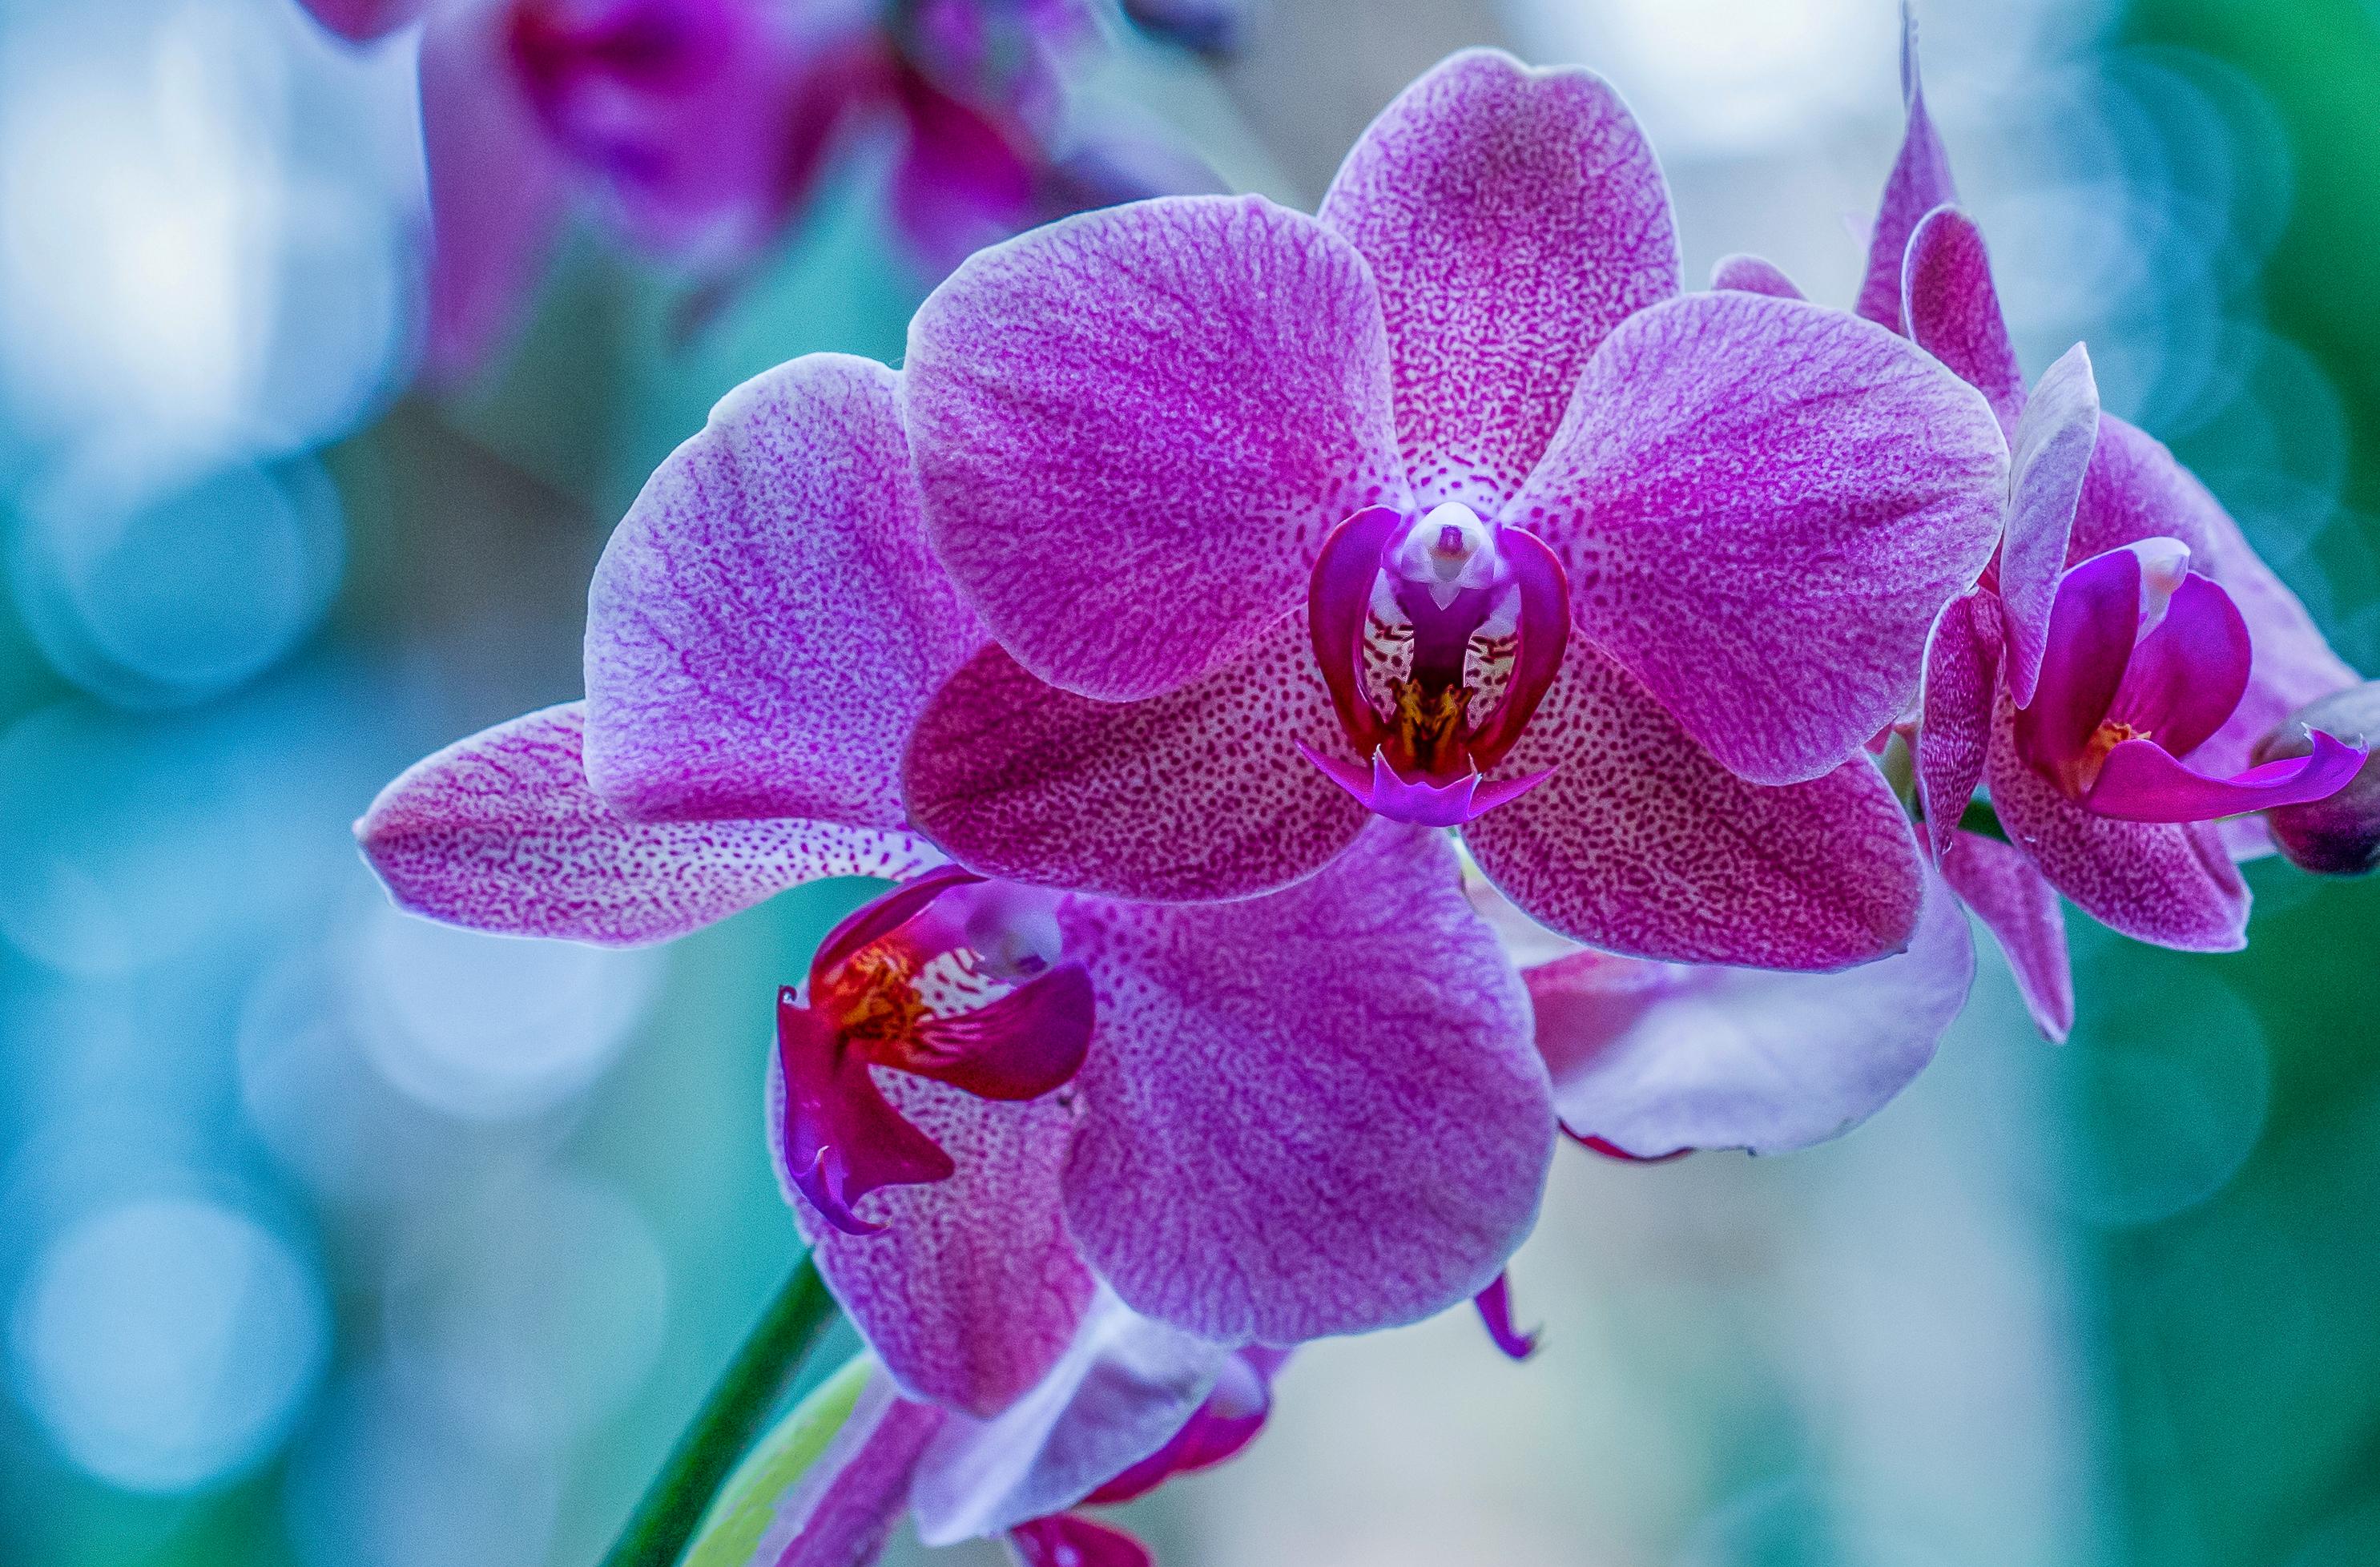 эти орхидеи фото на телефон тех кто хочет